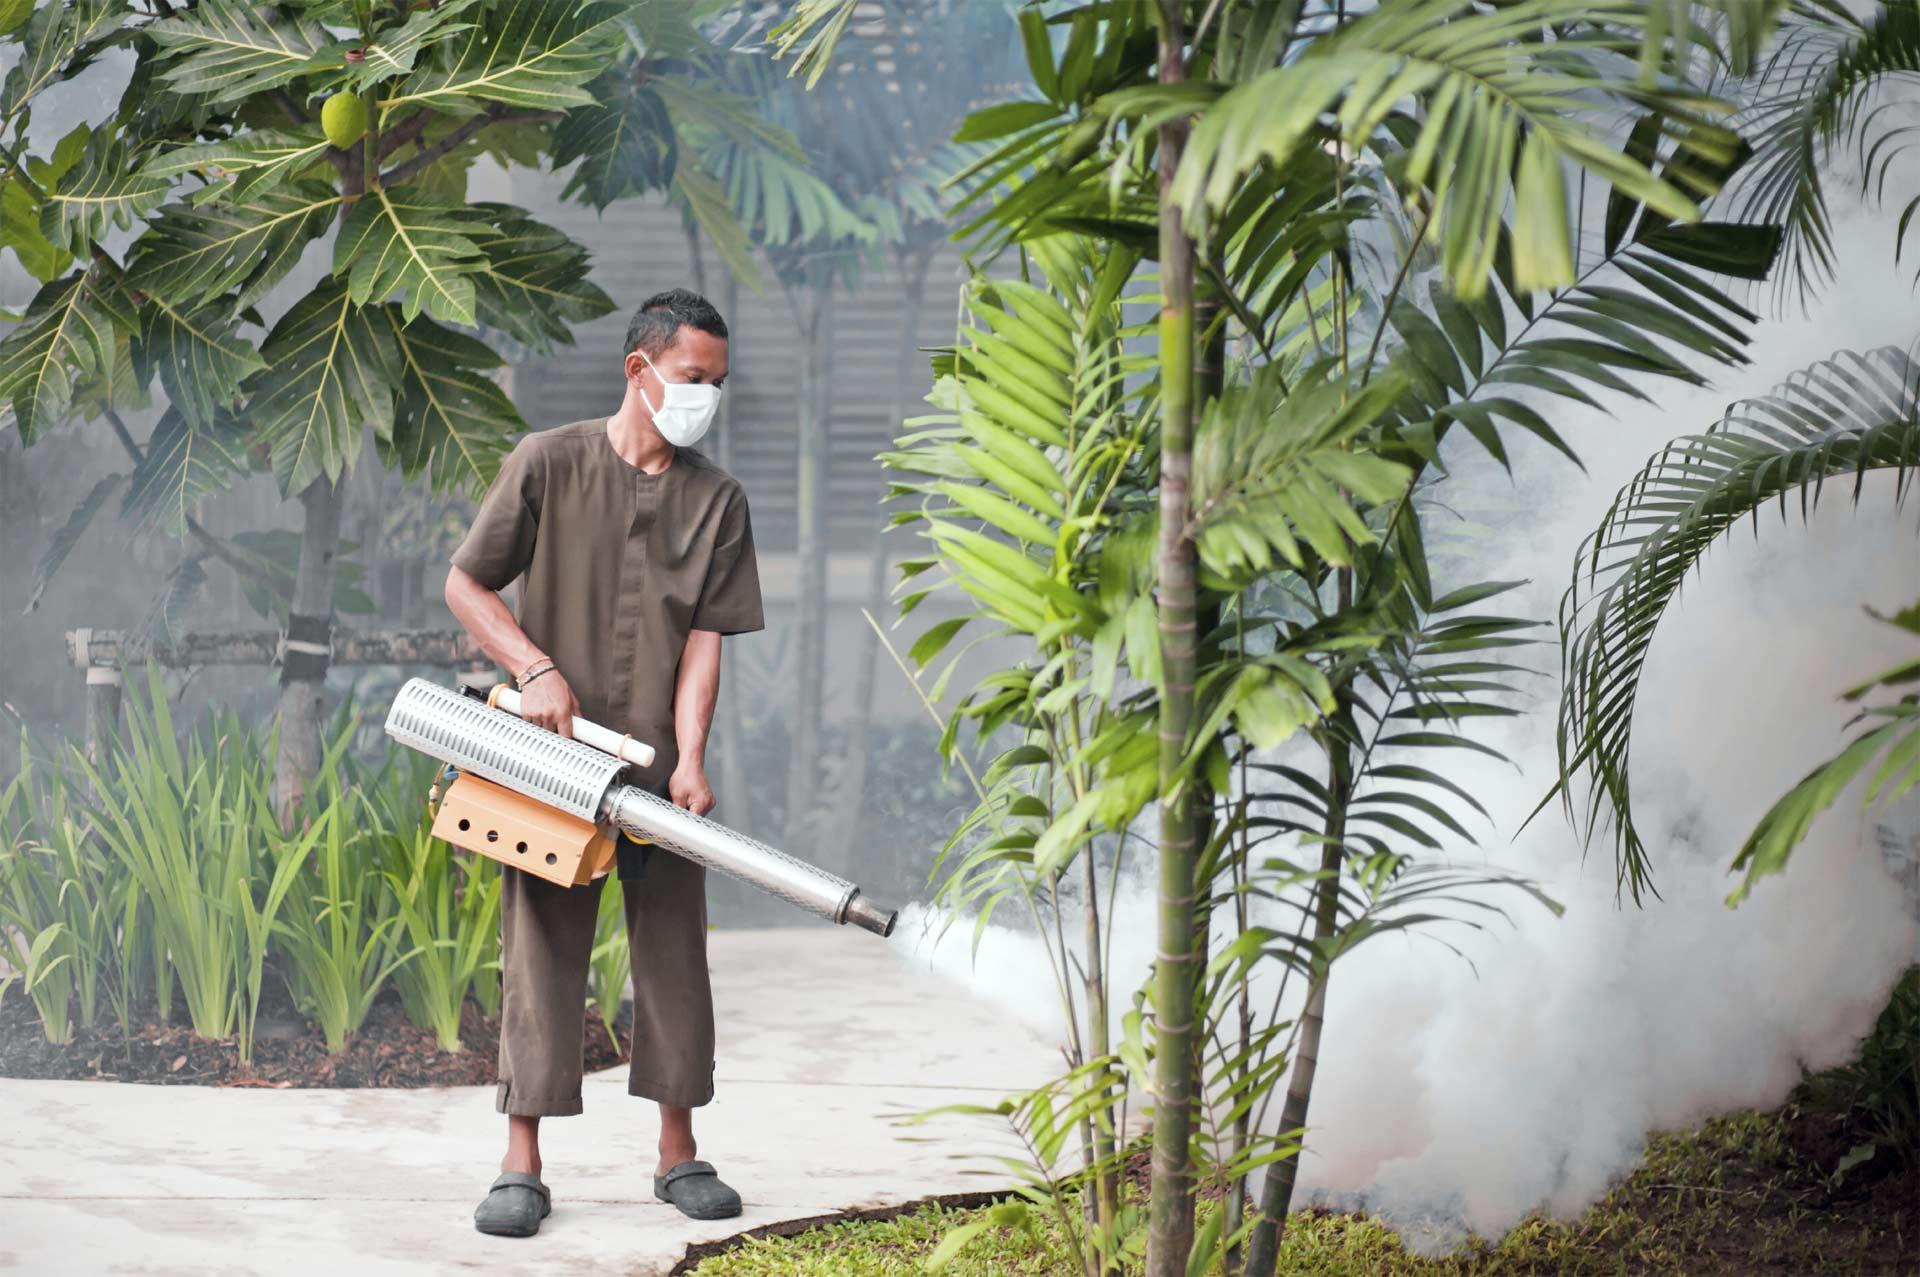 En Carabobo se realizan jornadas de control mediante la eliminación de criaderos y fumigación en zonas de alto riesgo